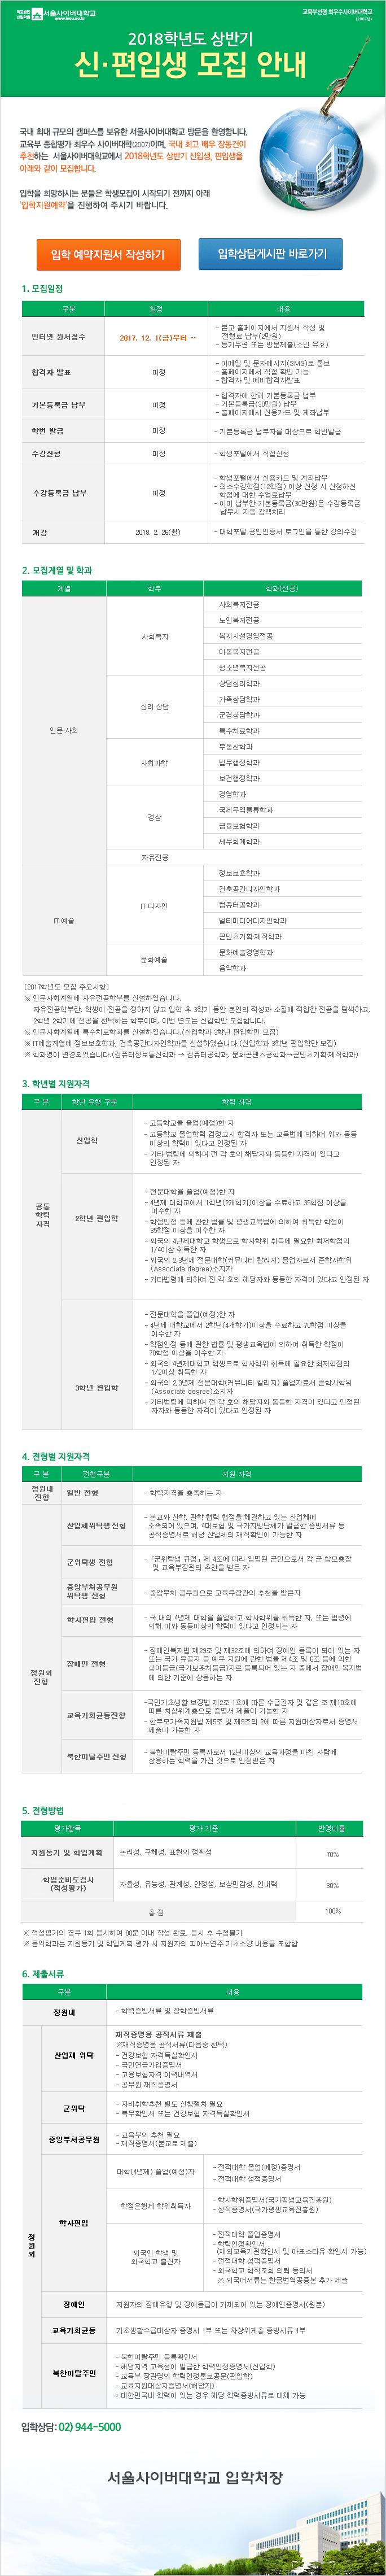 2018학년도 상반기 신·편입생 모집 안내